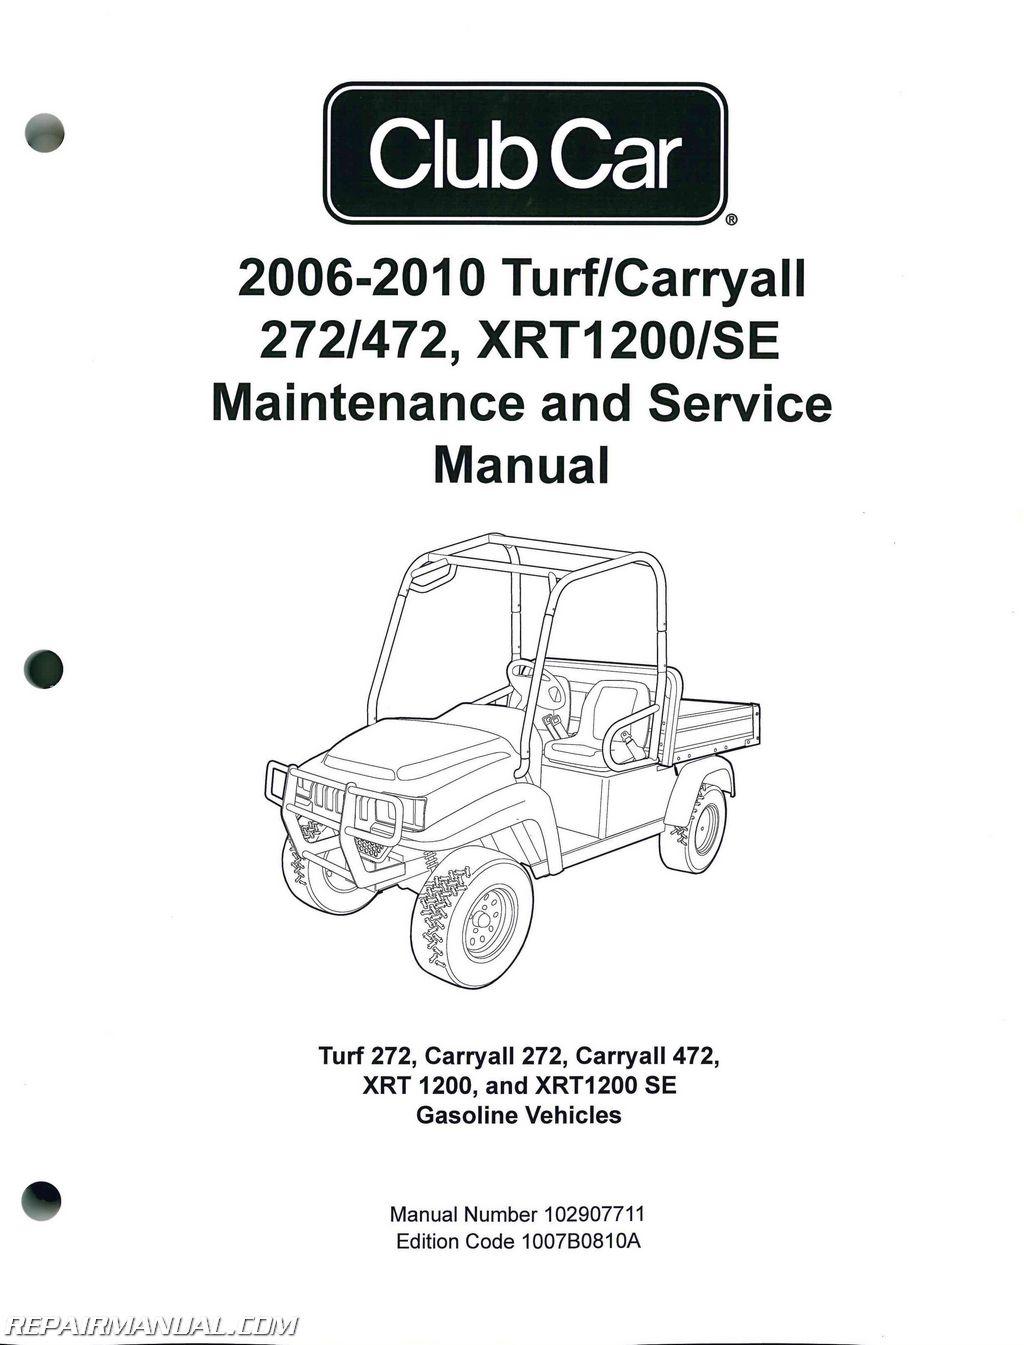 2006 Club Car Wiring Diagram Diagrams Gas Engine Carryall 272 Brake System